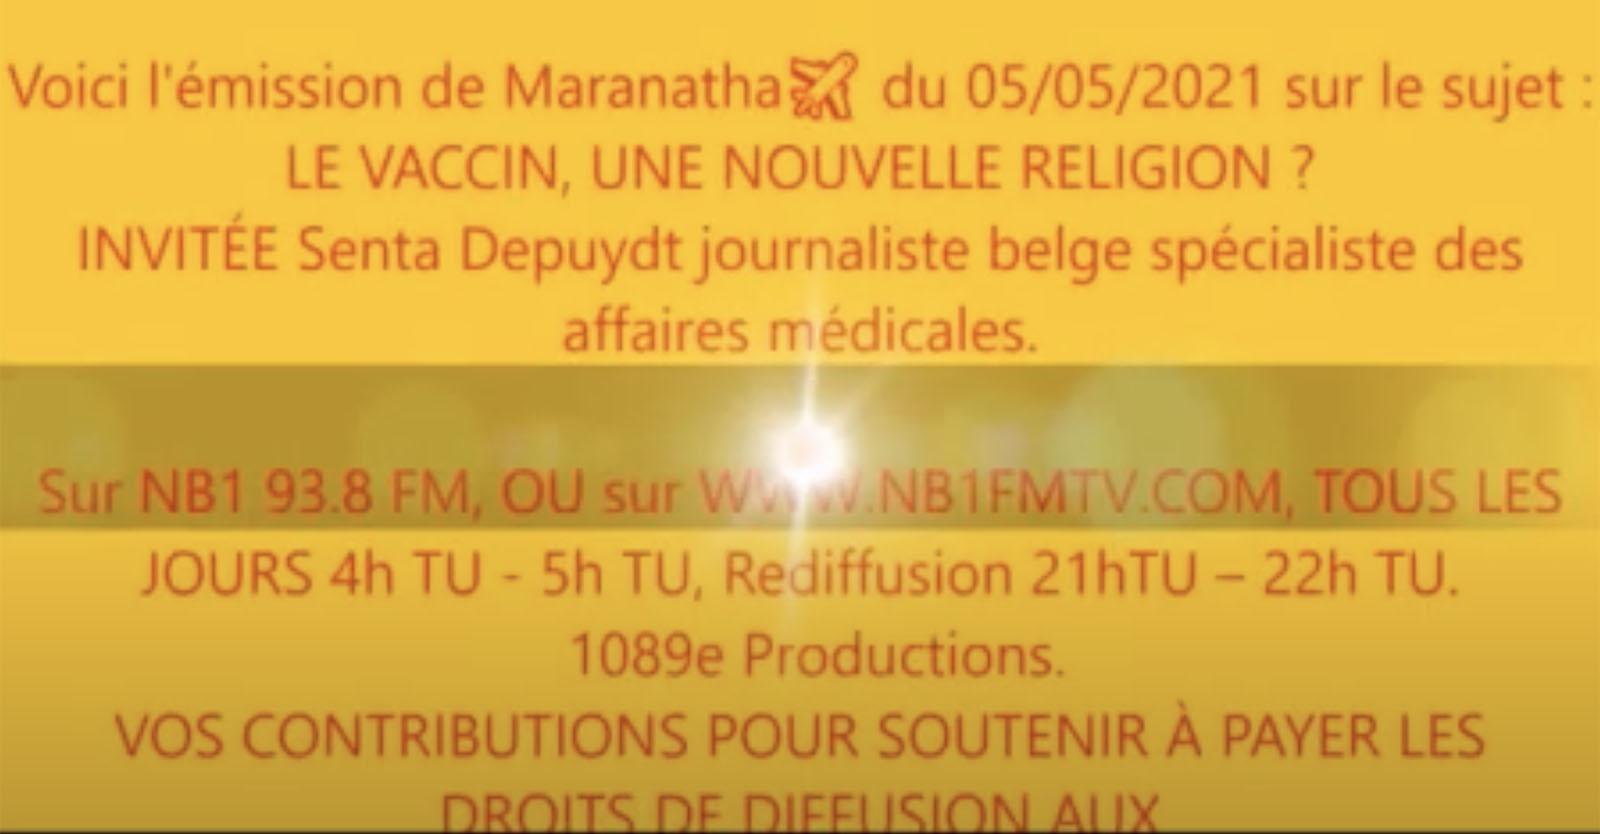 """""""Le vaccin, une nouvelle religion?"""" Radio de Yaoundé – Interview de Senta Depuydt, 4 Mai 2021"""